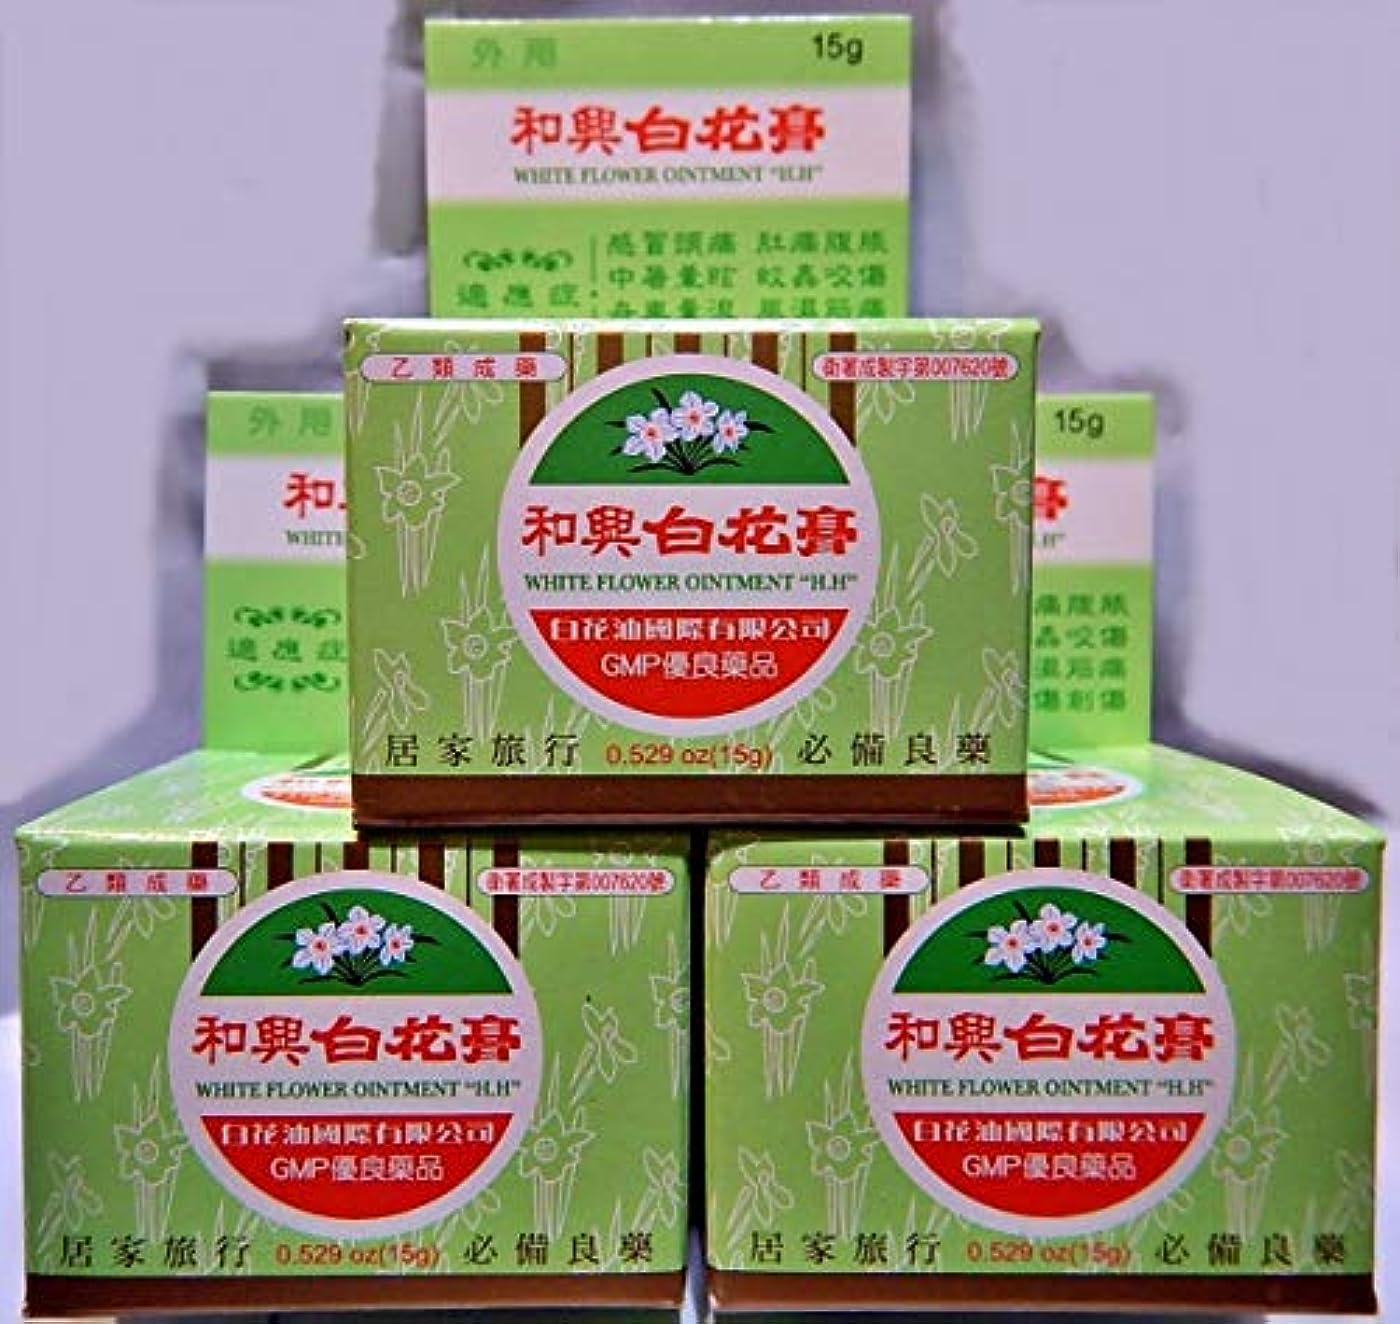 広い真剣に空気《和興》白花膏 15g(白花油軟膏タイプ)× 3個《台湾 お土産》 [並行輸入品]